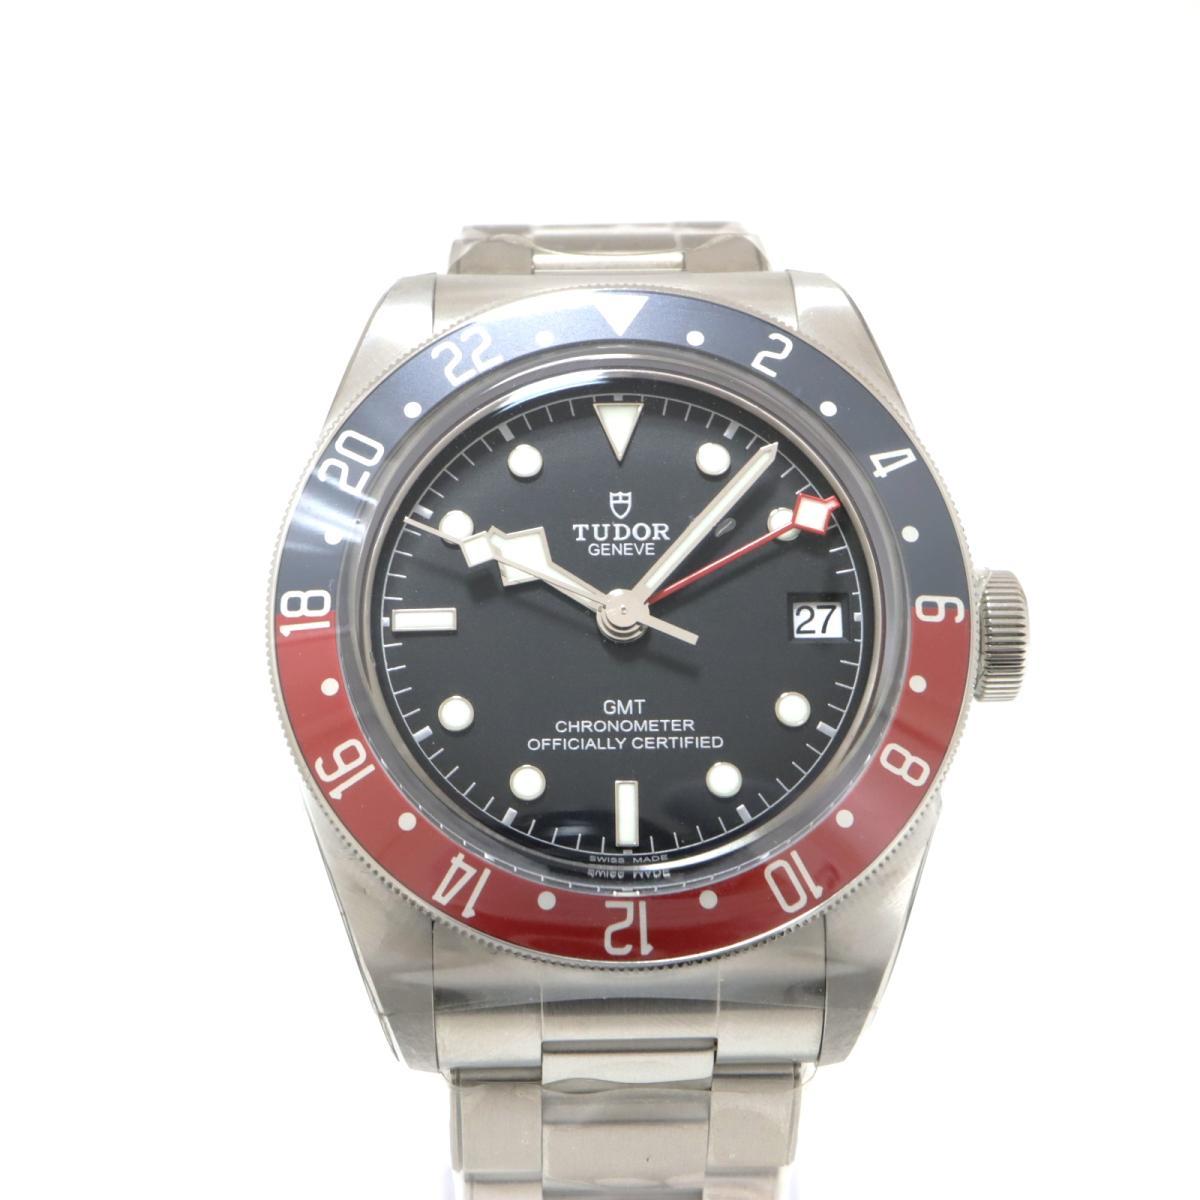 【中古】 チュードル BLACK BAY GMT 腕時計 メンズ ステンレススチール (SS) バーガンディ ブルー シルバー (79830RB) | TUDOR BRANDOFF ブランドオフ ブランド ブランド時計 ブランド腕時計 時計 ウォッチ